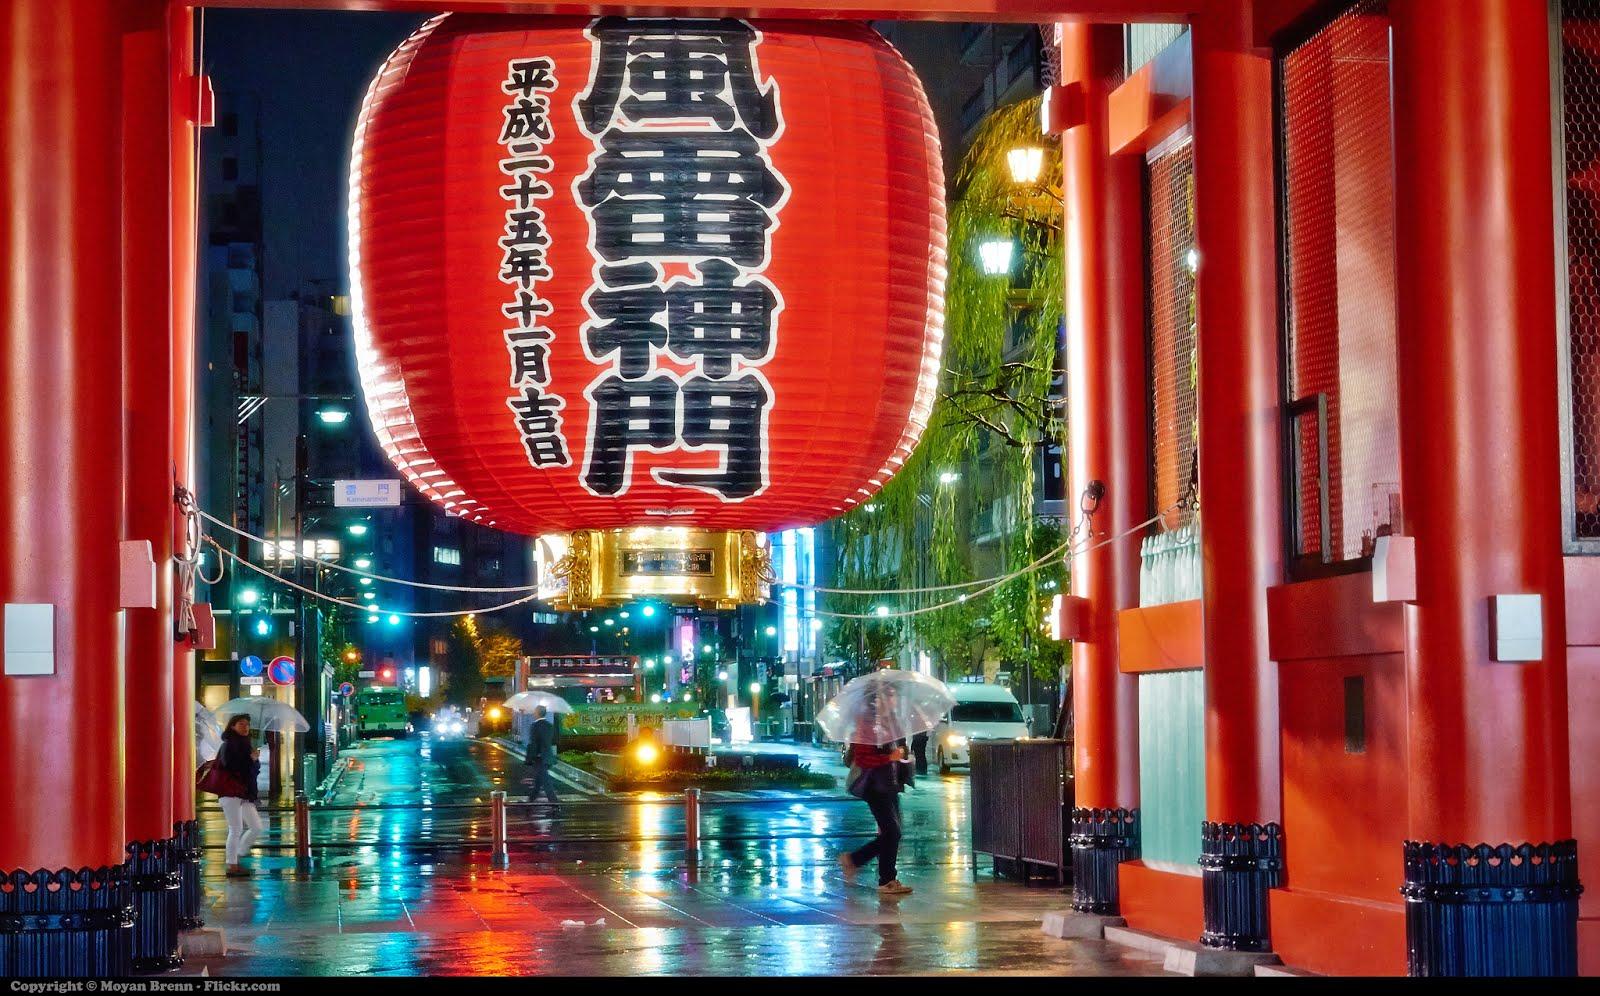 來東京不想只當觀光客?試試看「這3種」內行玩法吧...最後一種超推!